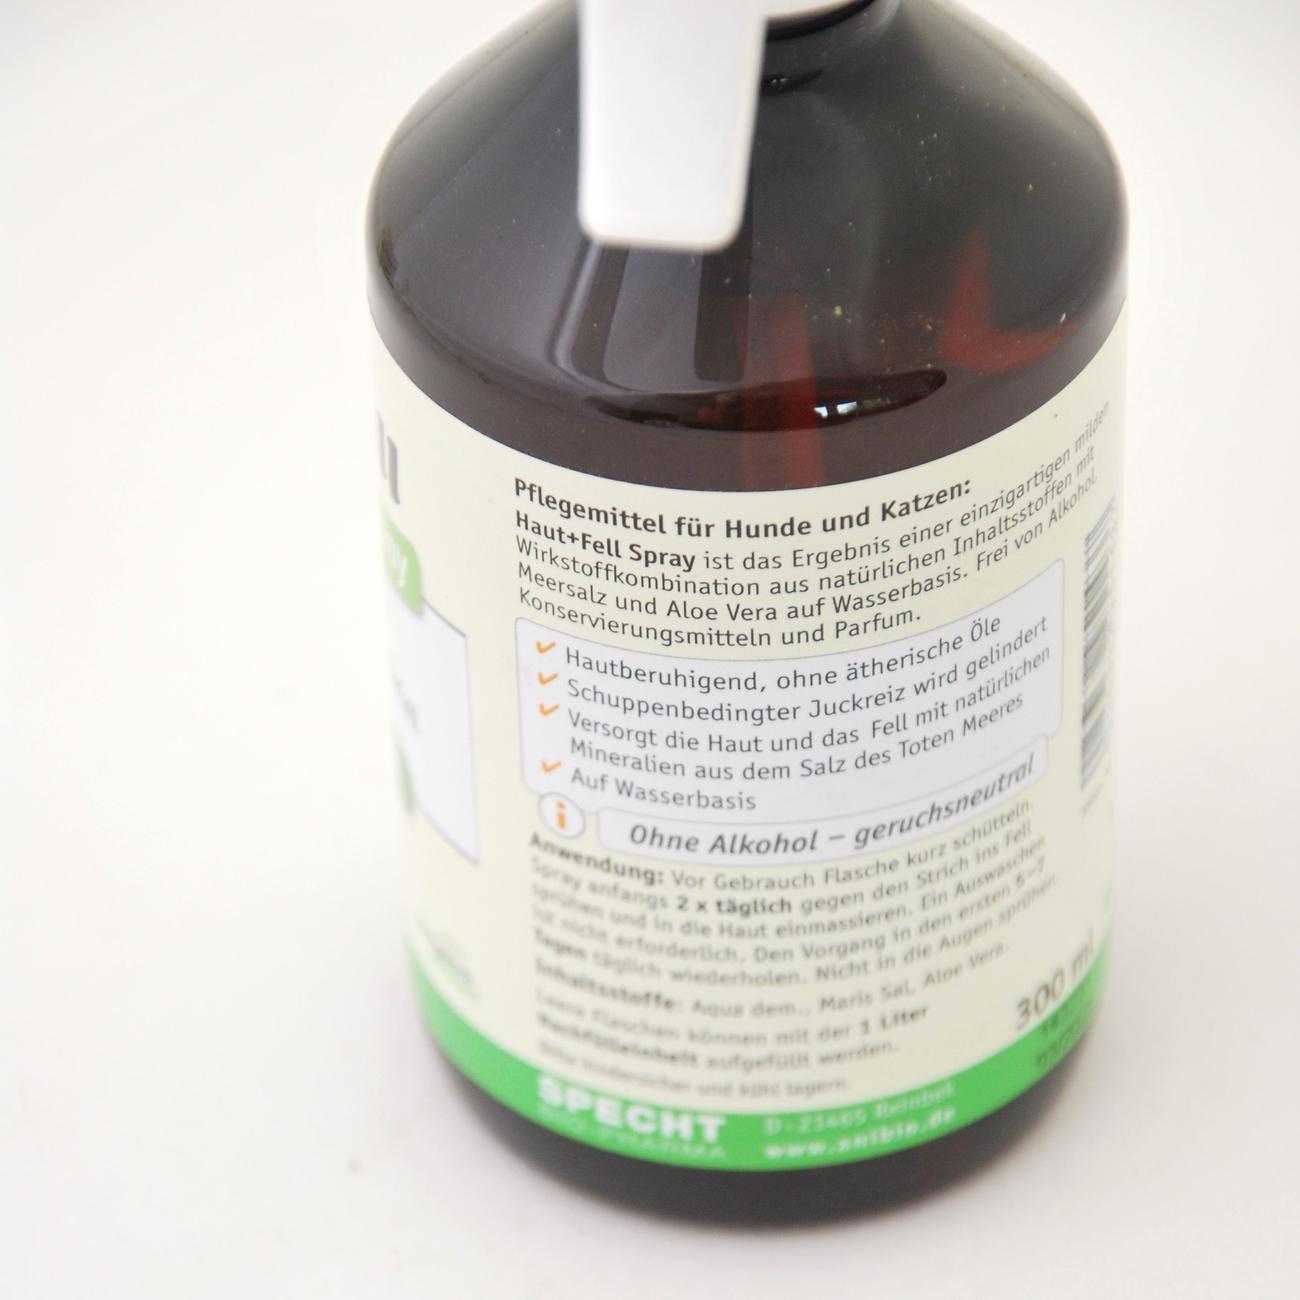 Anibio Haut und Fell Spray, Bild 3